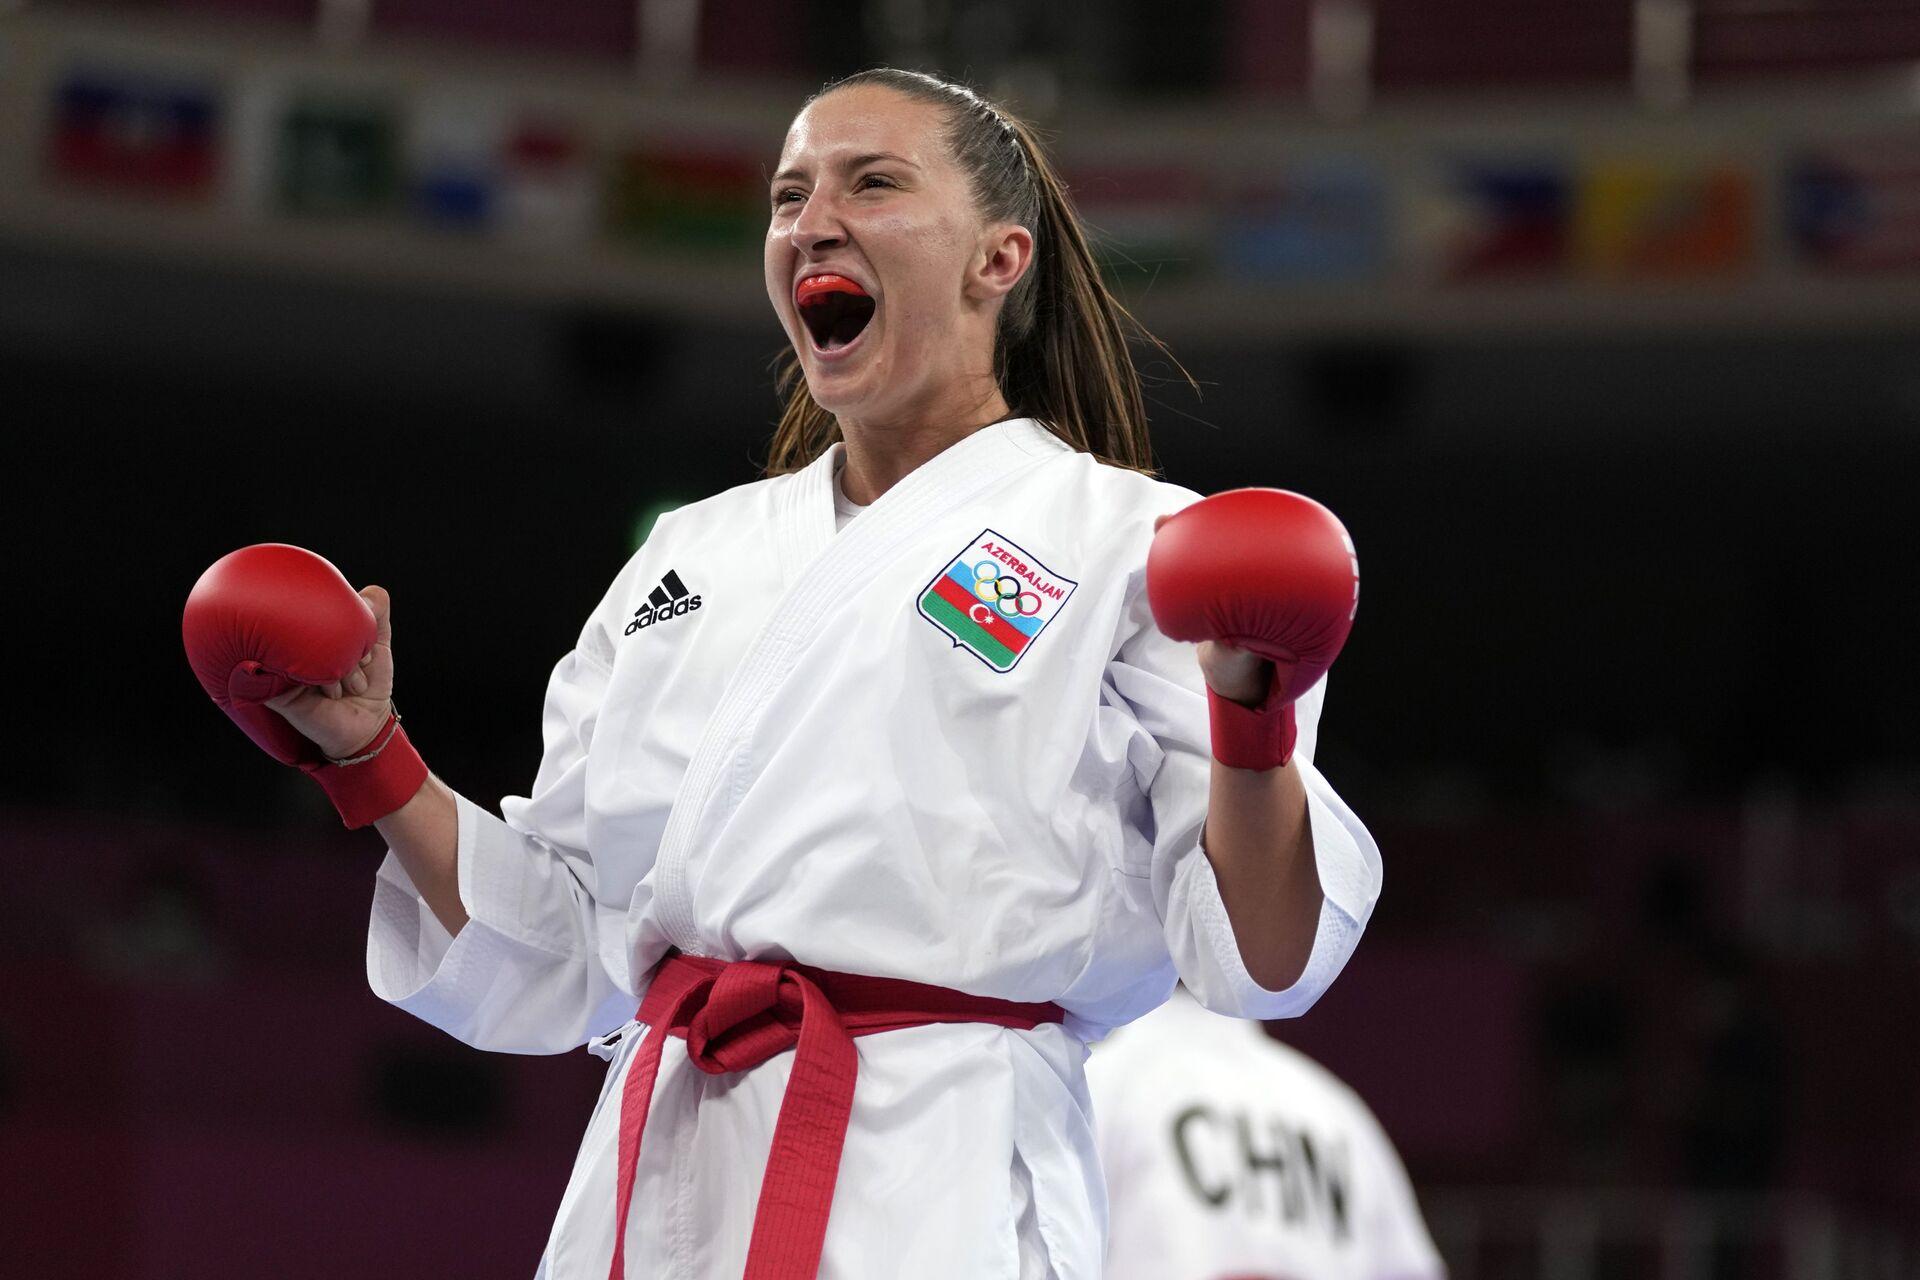 Азербайджанская каратистка Ирина Зарецкая во время выступления на Олимпийских играх в Токио - Sputnik Азербайджан, 1920, 01.10.2021